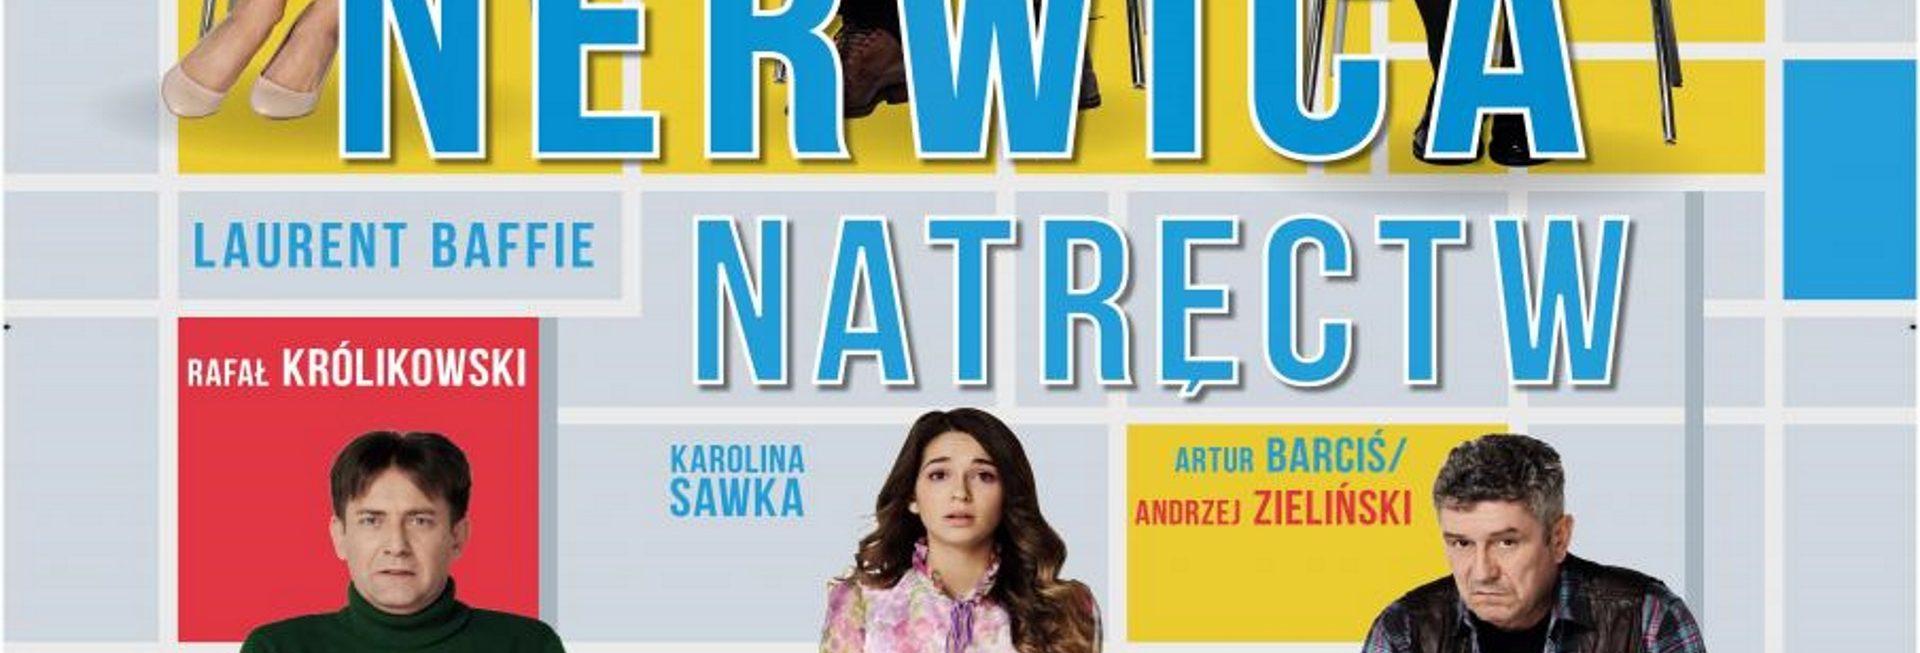 """Zdjęcie - plakat zapraszający na komedię teatralną """"Nerwica Natręctw"""". Na plakacie zdjęcia siedzących sześciu aktorów występujących w komedii."""